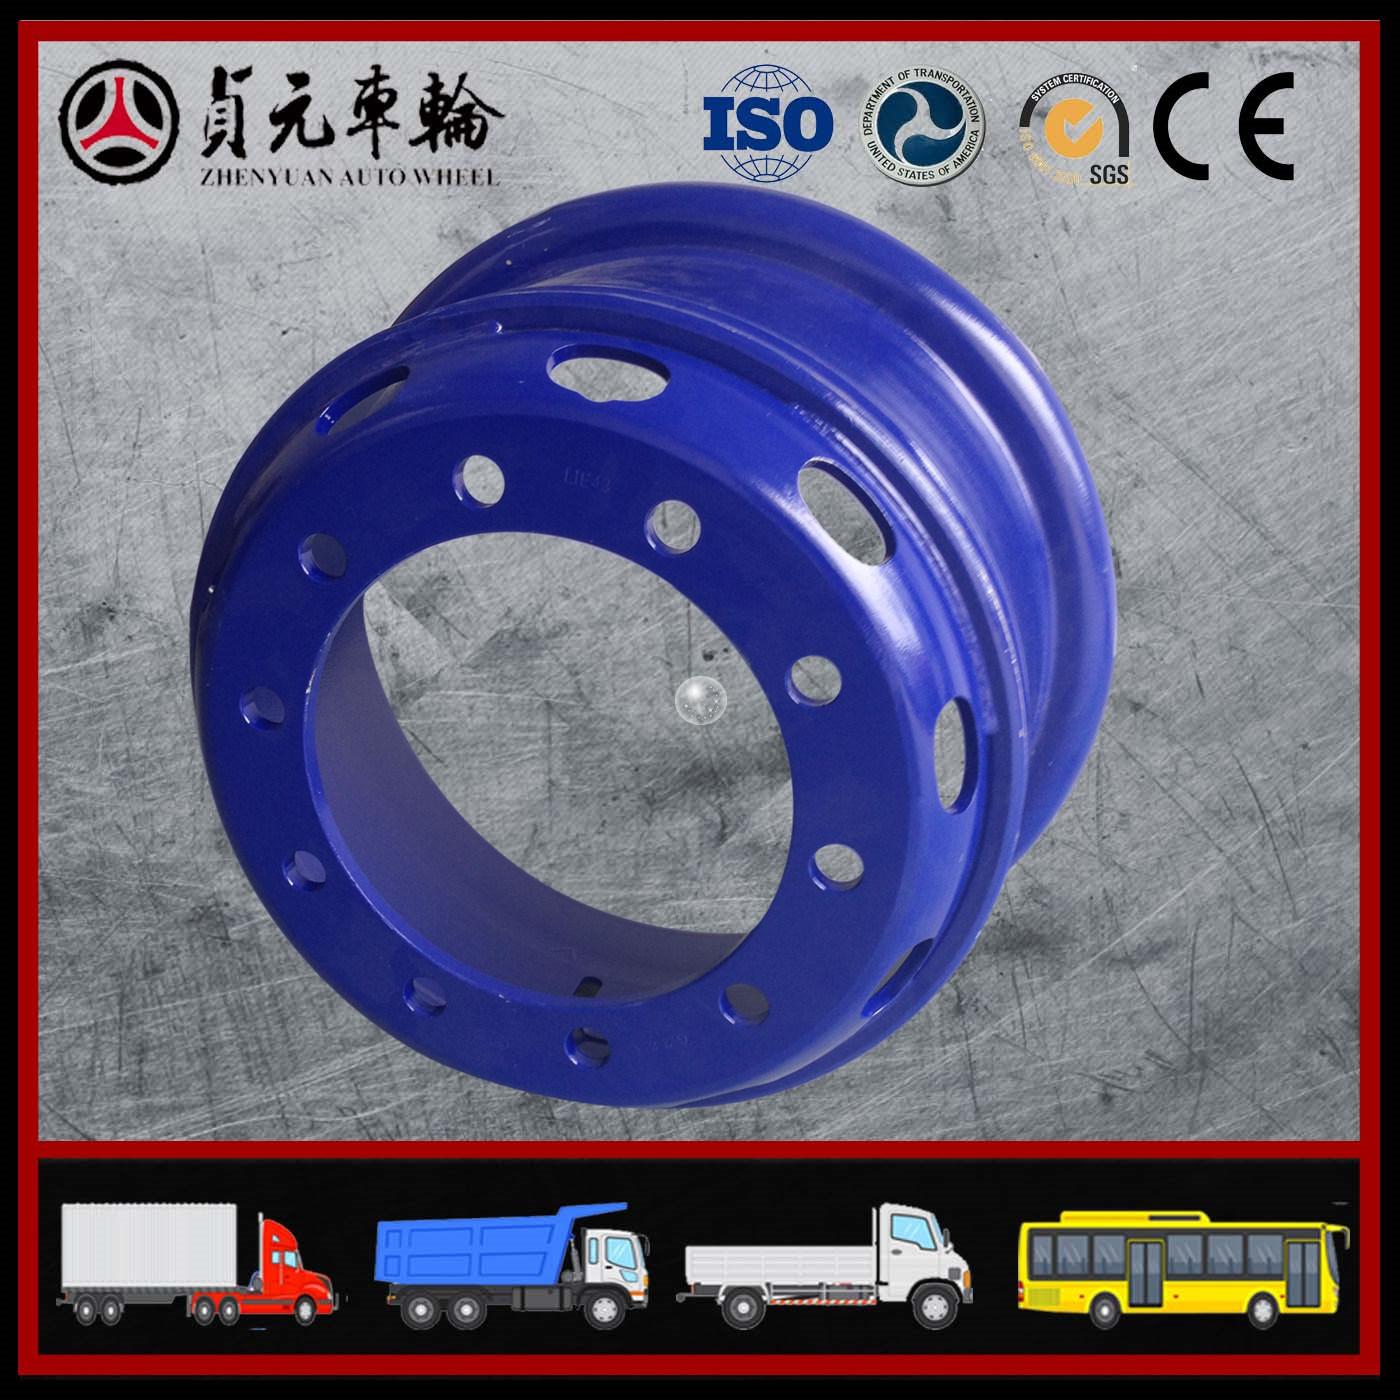 Truck Tube Steel Wheel Rims for Bus/Trailer (8.5-24, 8.00V-20, 8.5-20)